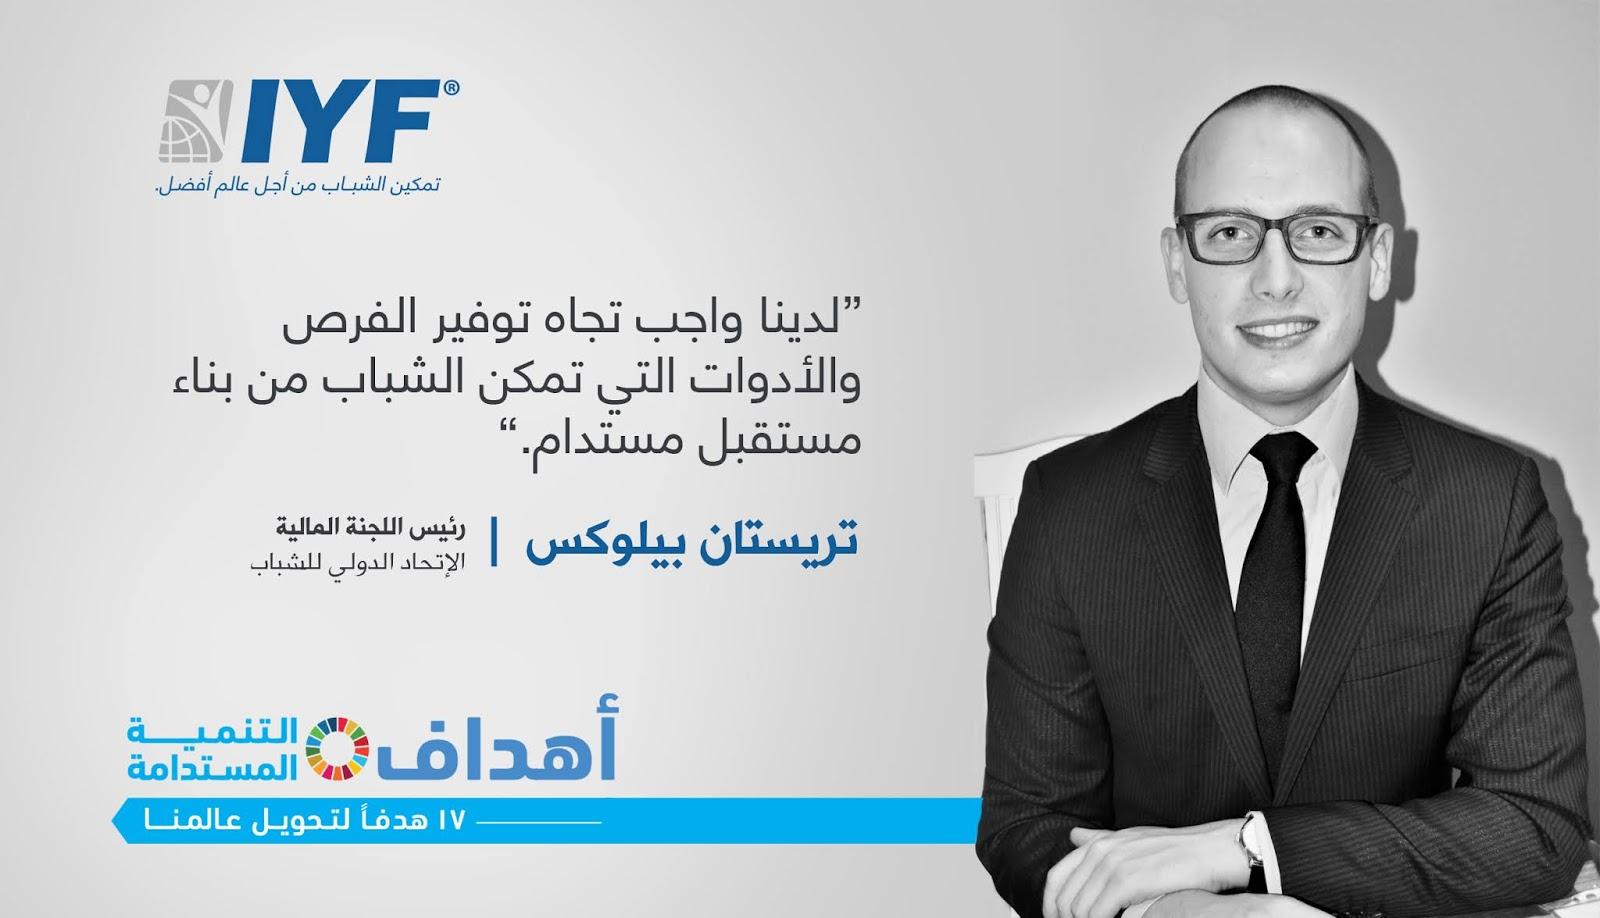 تريستان بيلوكس، رئيس اللجنة المالية - الإتحاد الدولي للشباب